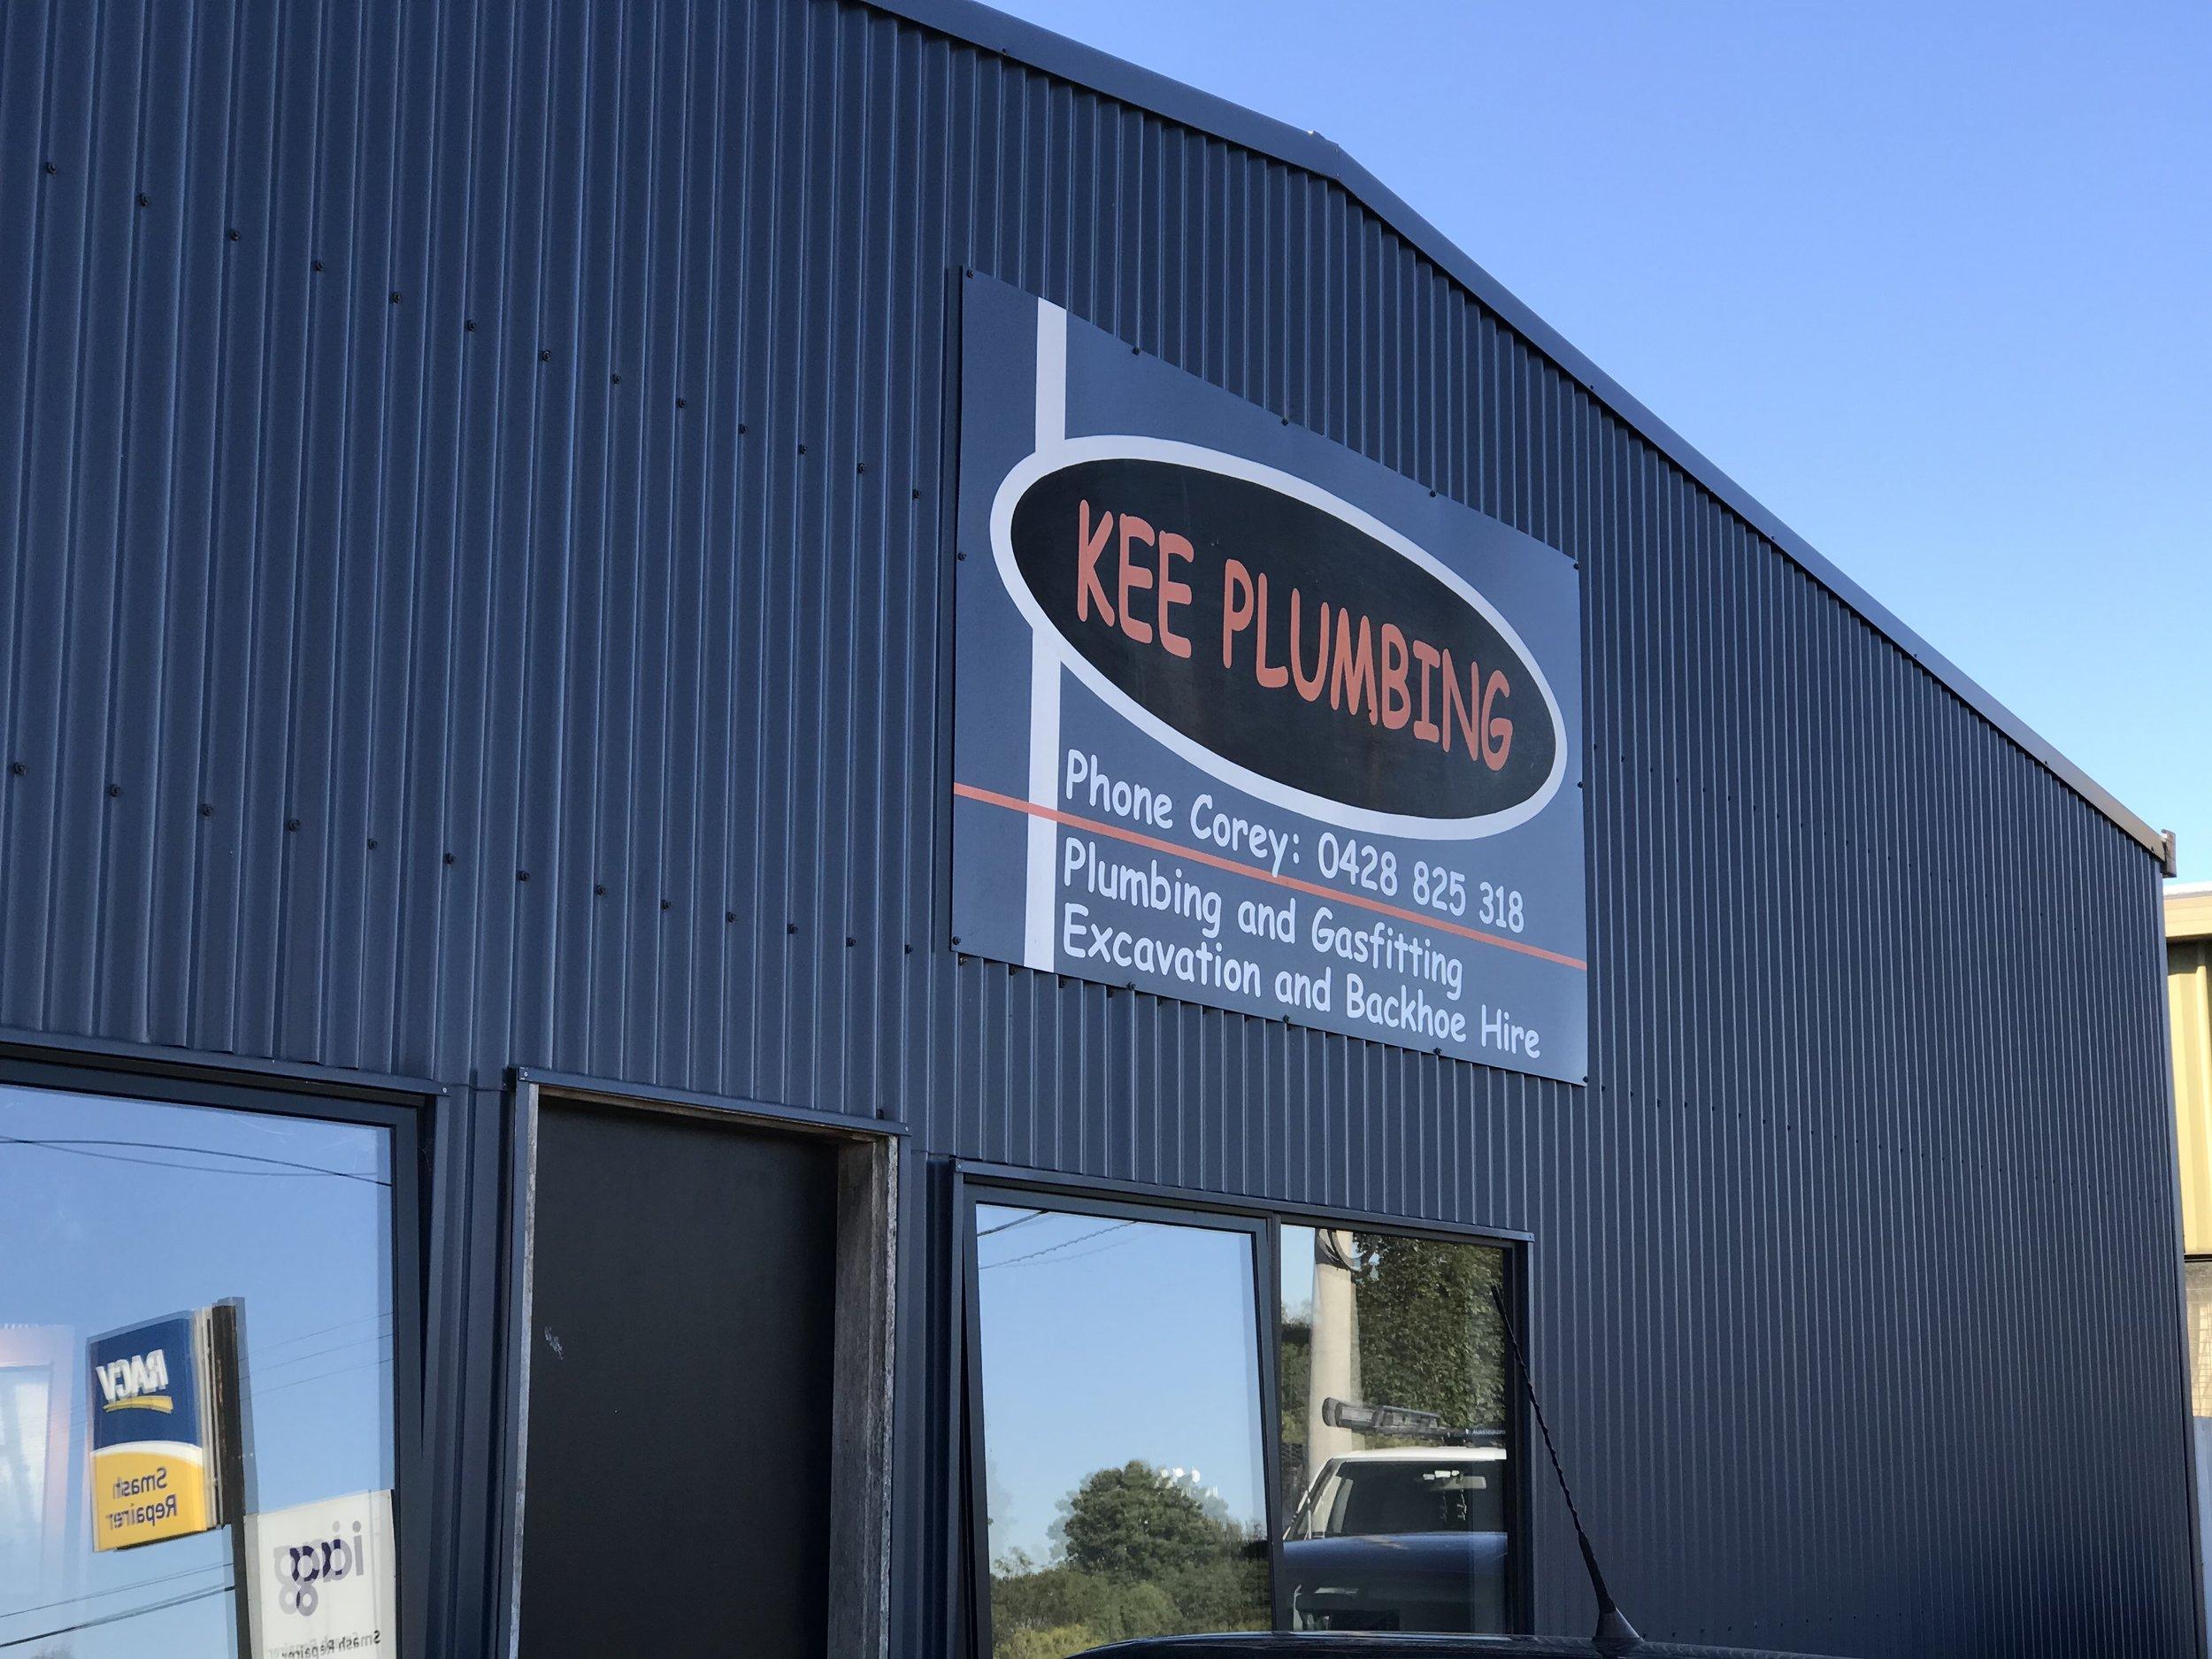 Kee Plumbing.JPG